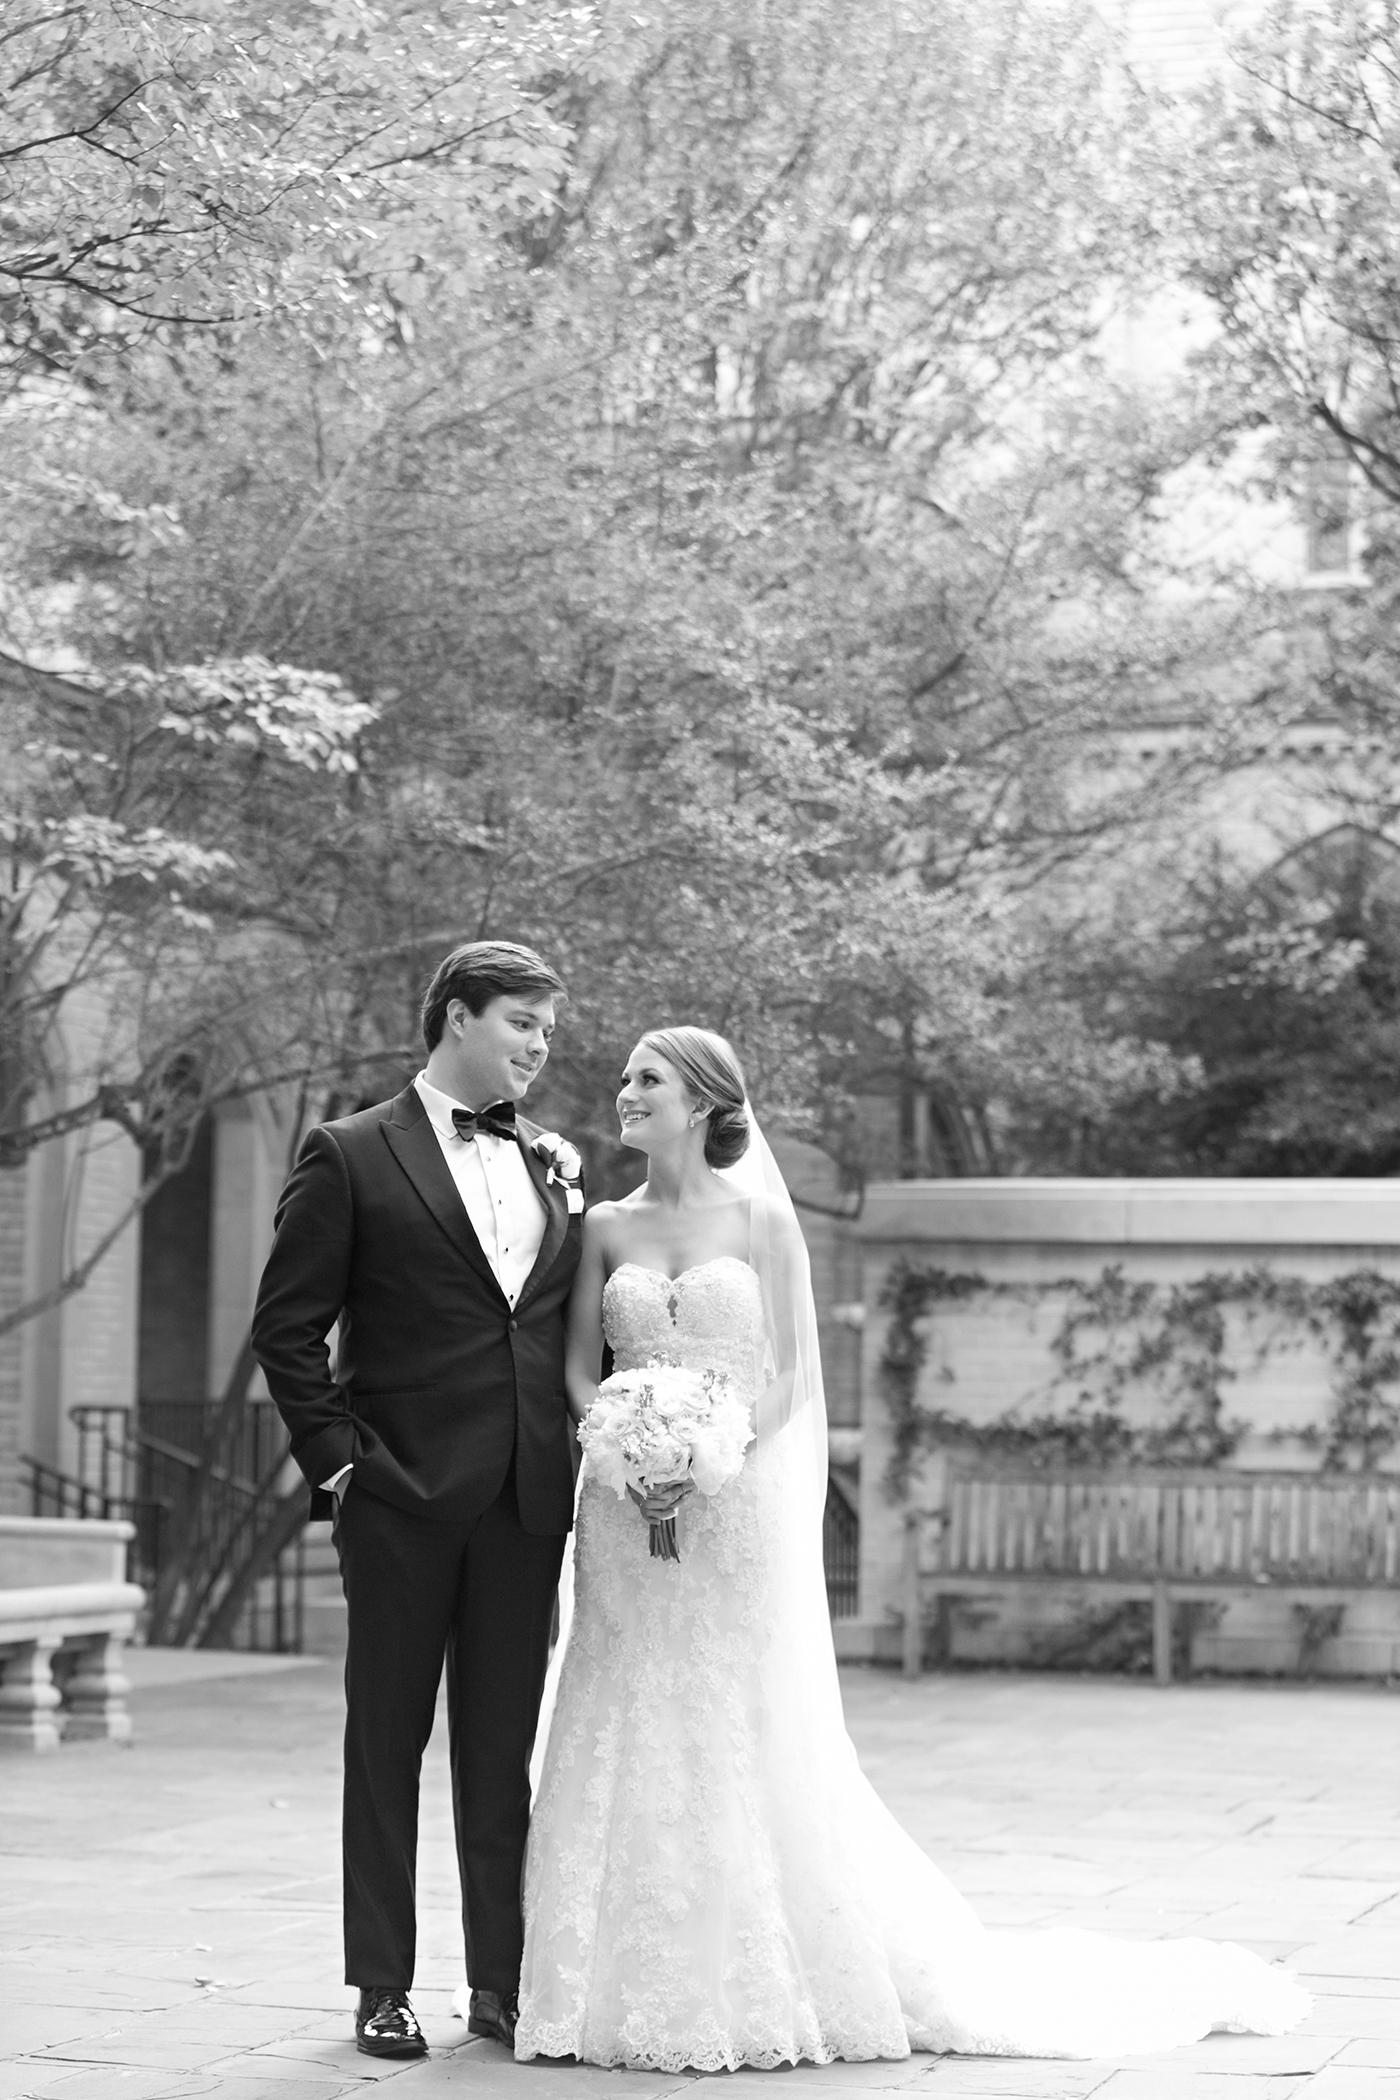 Dallas Wedding Planner - Allday Events - Classic Wedding at Dallas Scottish Rite - 254.jpg